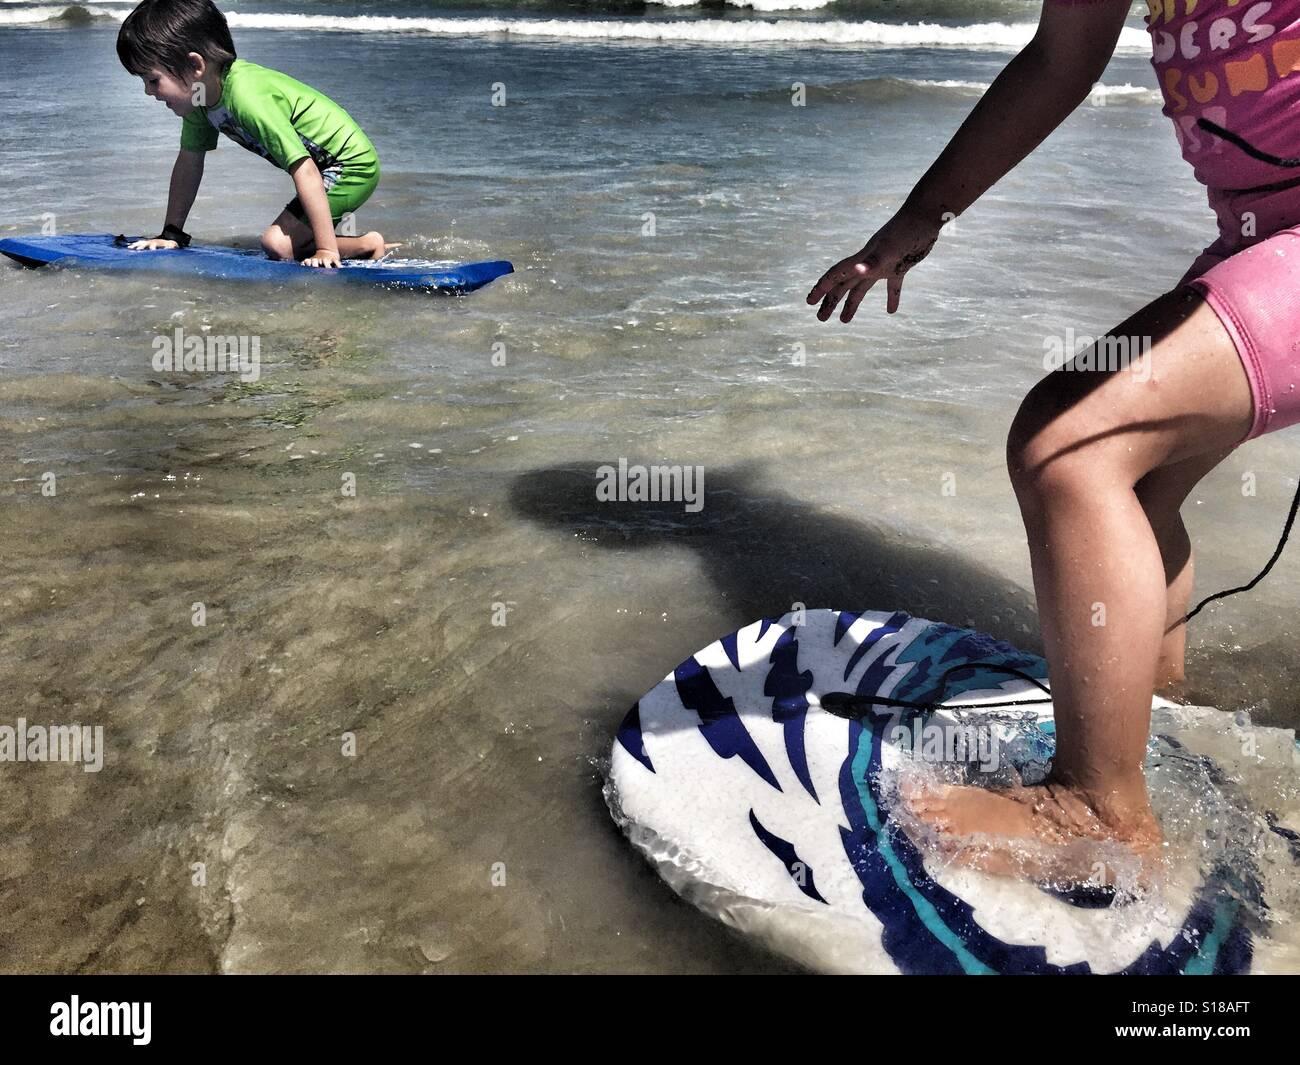 Les tout-petits à jouer avec des planches dans la mer Photo Stock